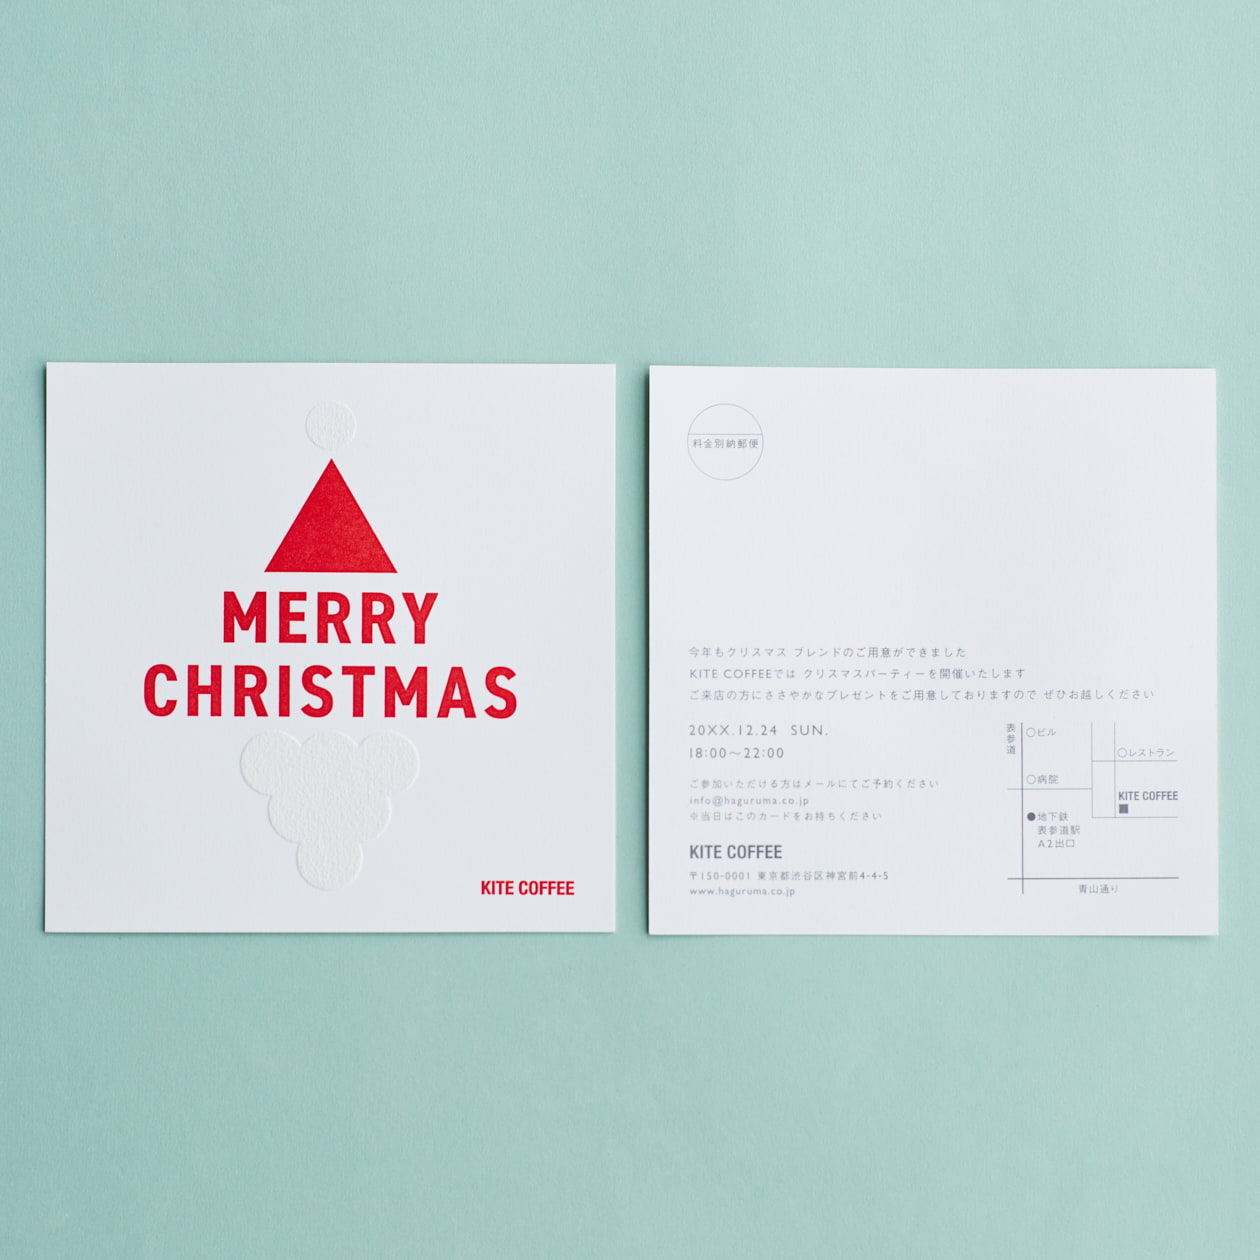 膨らむ印刷が印象的なカード